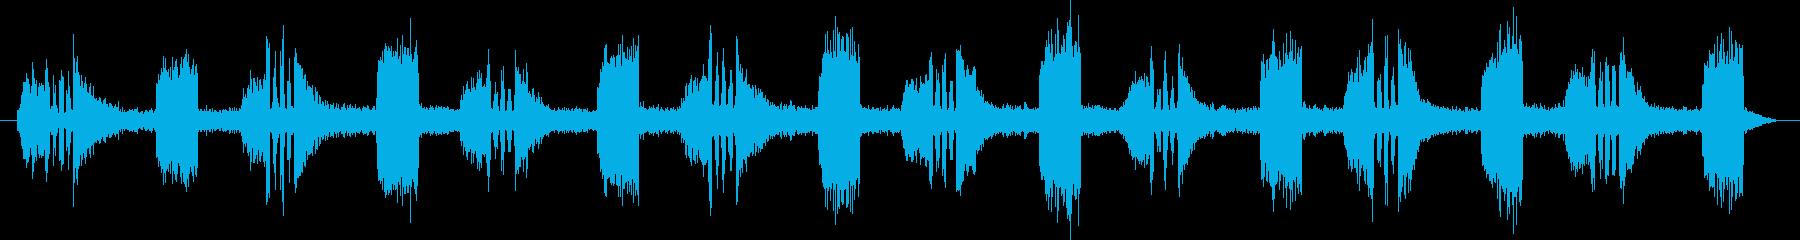 ブワワッワーブワワッワ… (パワー充電)の再生済みの波形